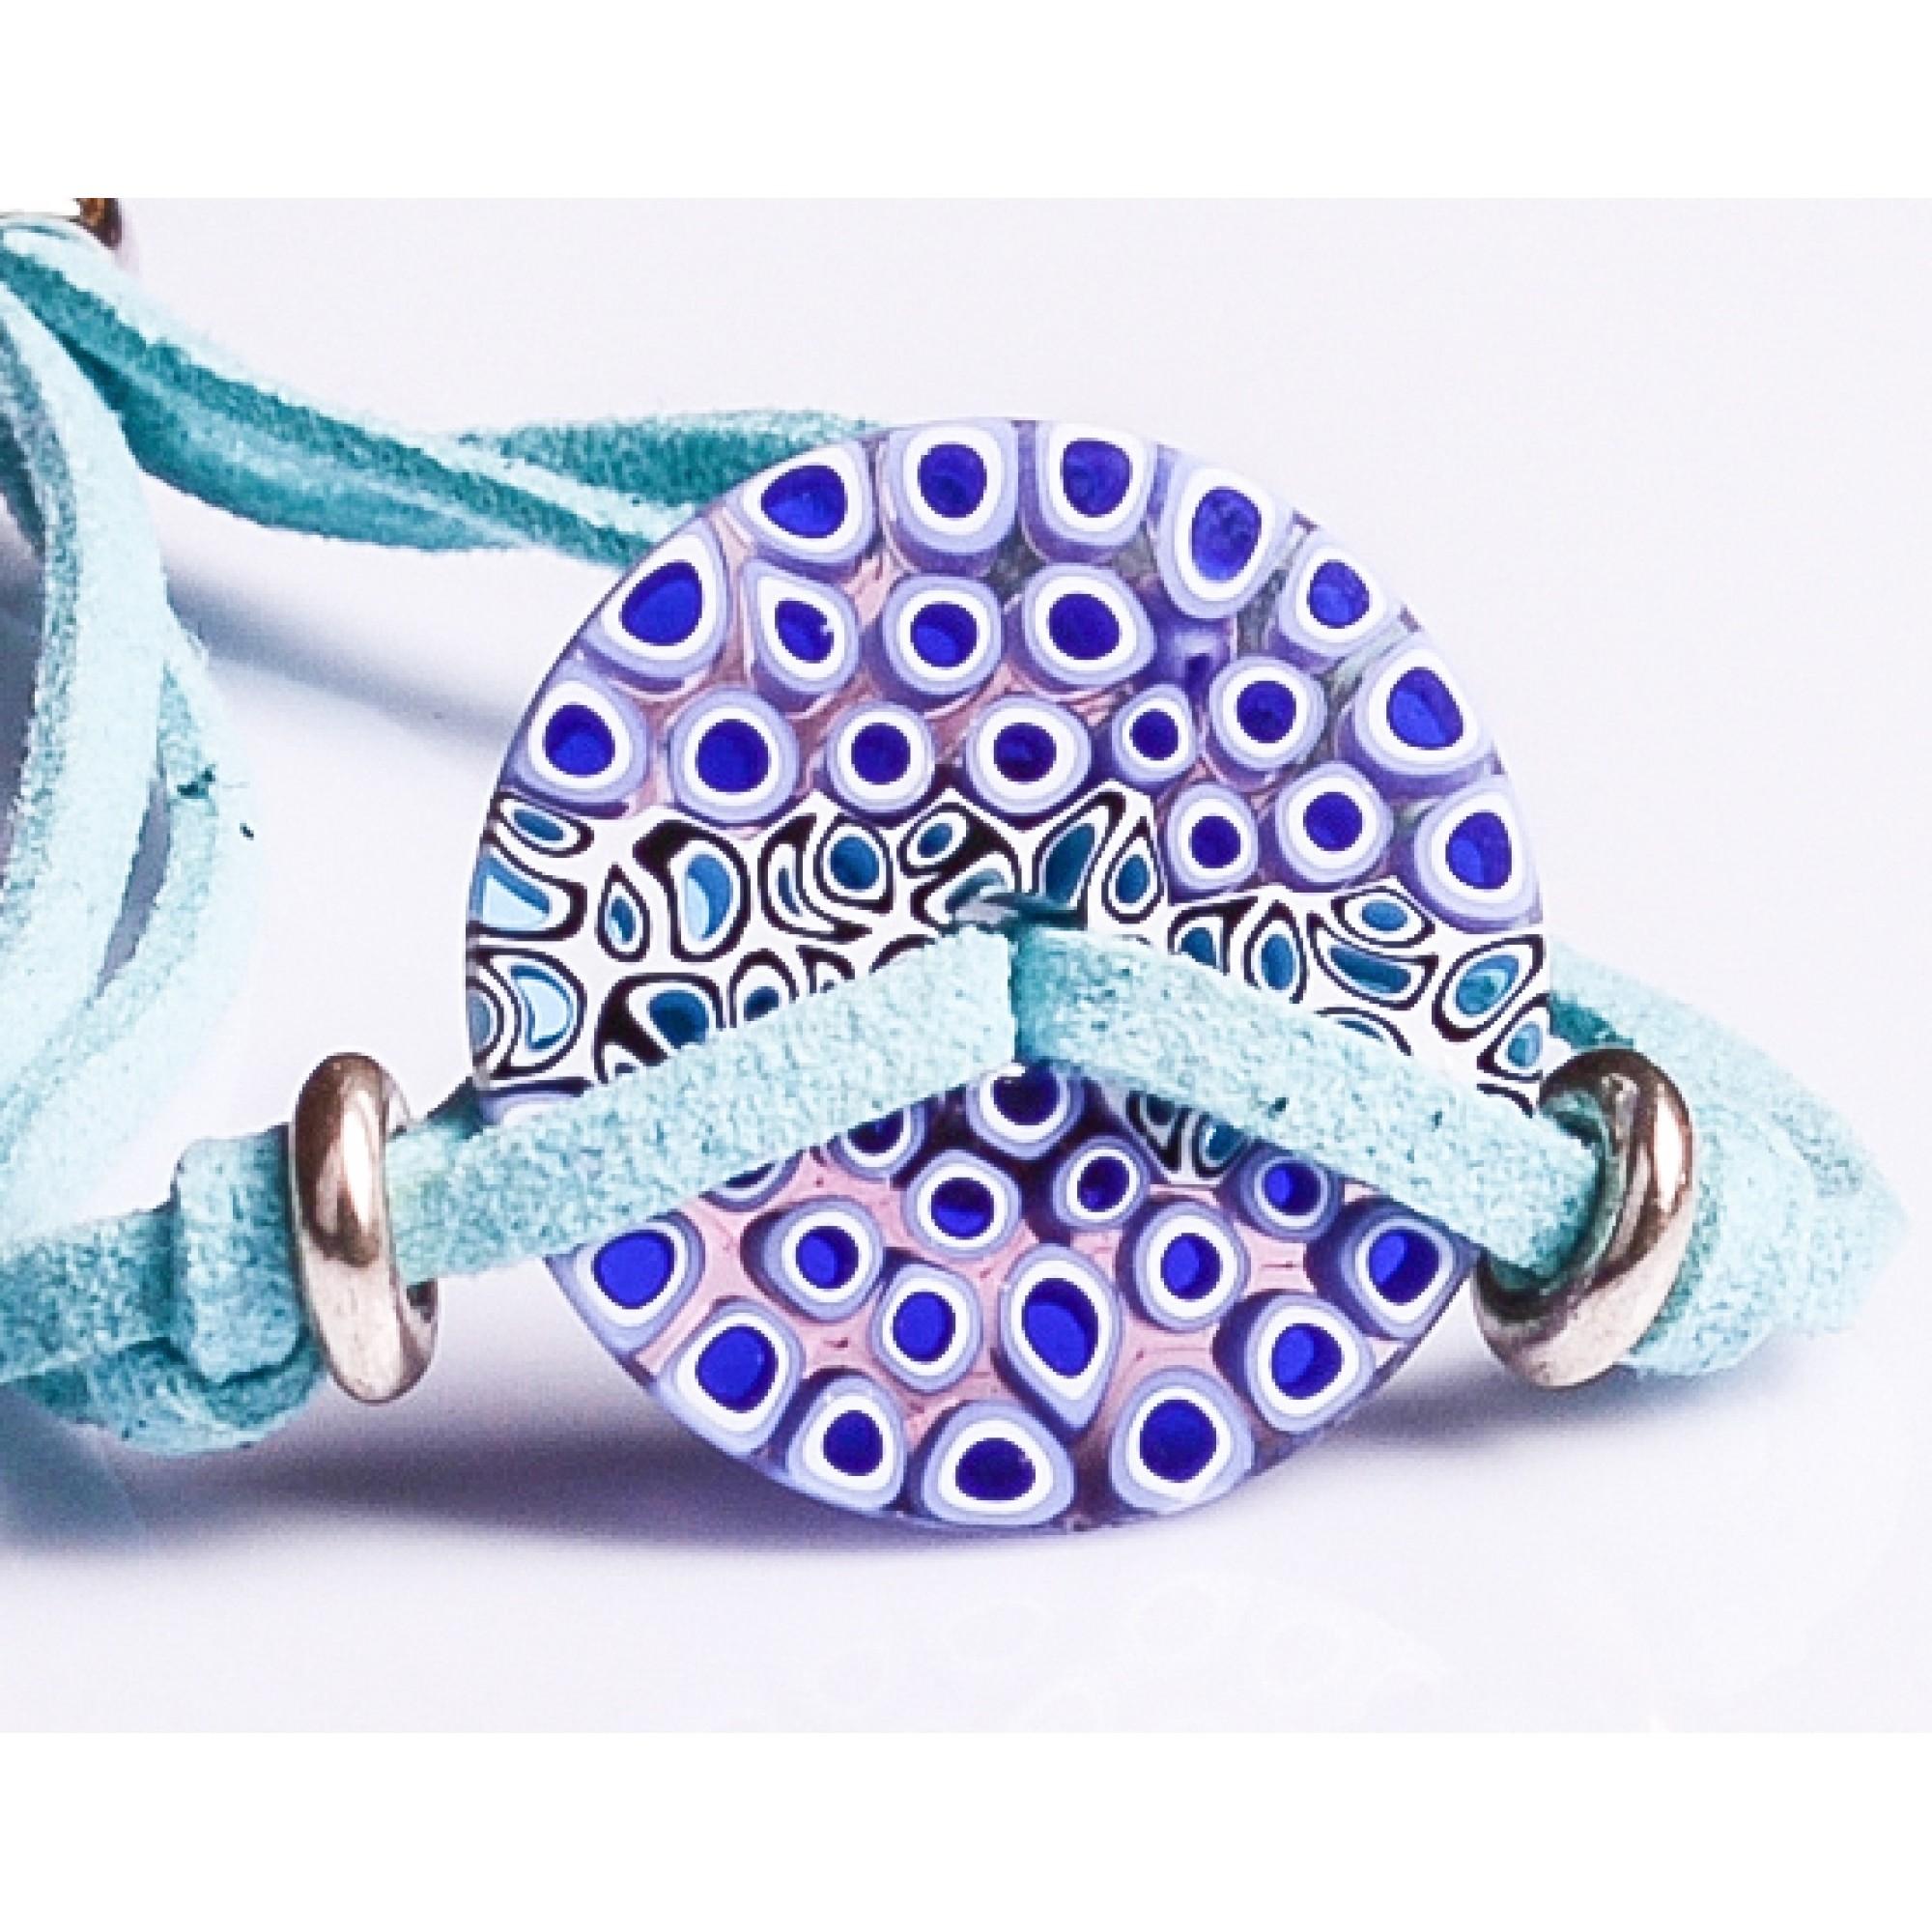 BLUE BRACELET ASTER - ANT.BR583A07 -  BLUE BRACELET ASTER